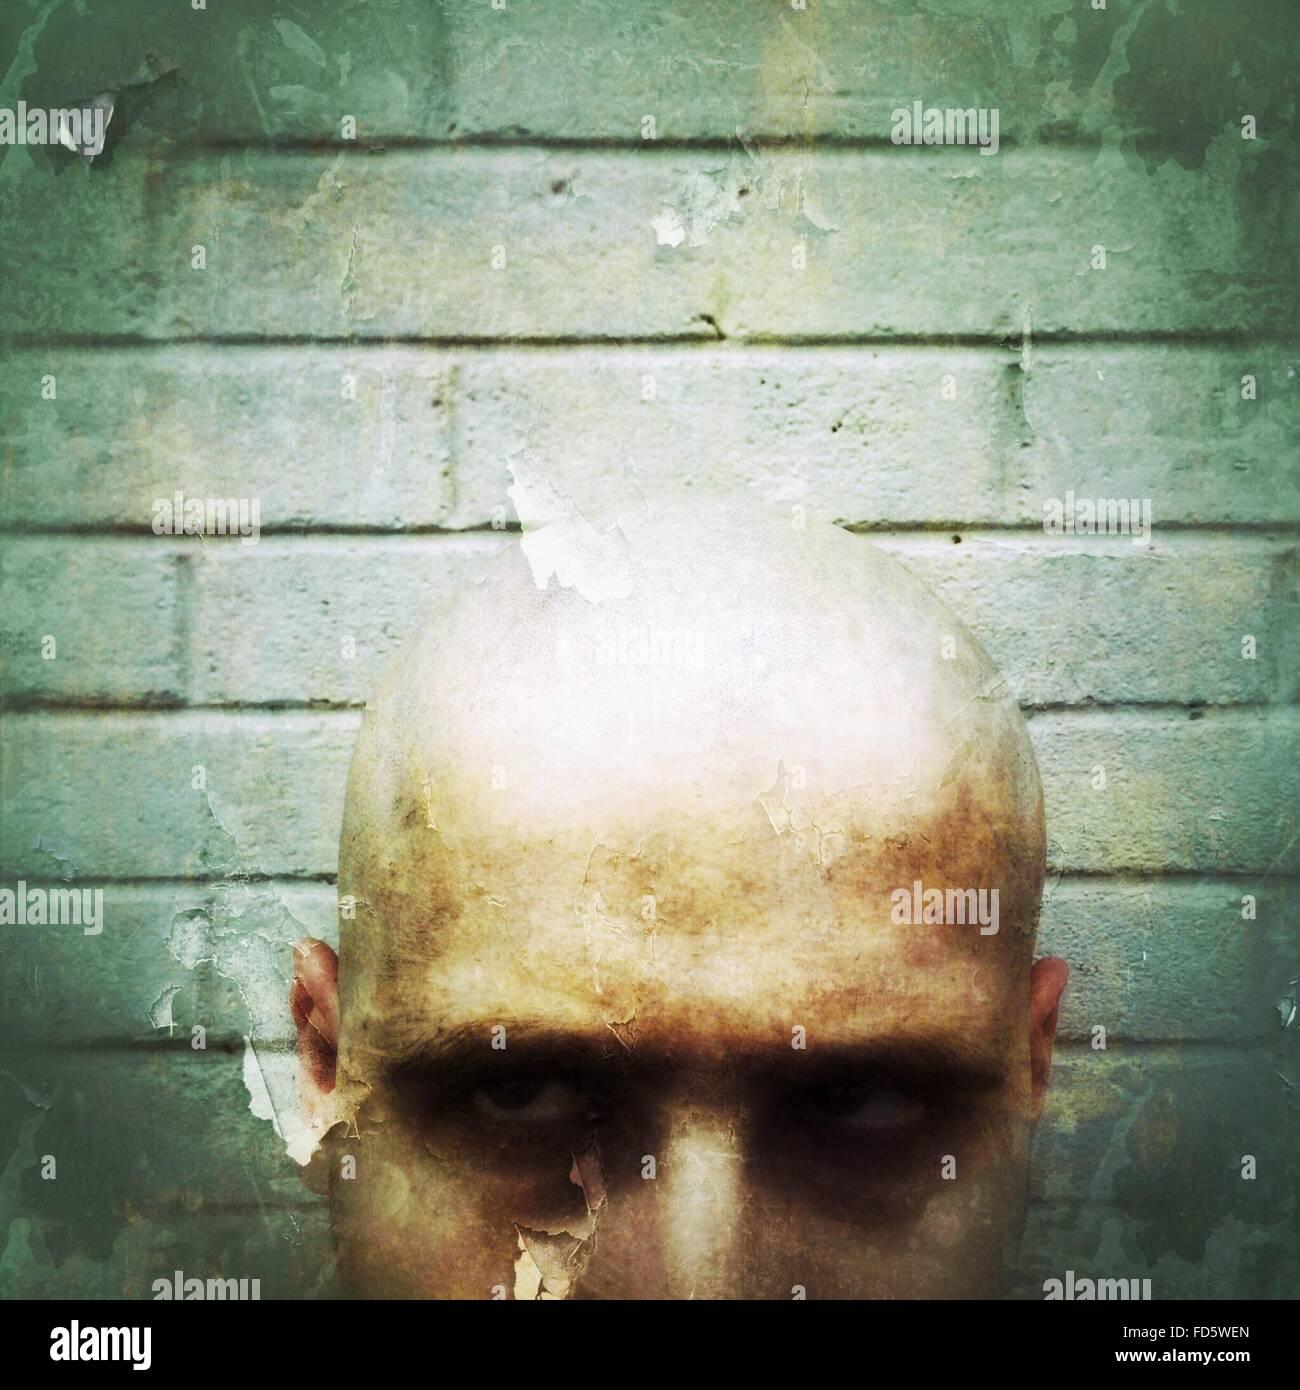 Close Up Of Bald Man - Stock Image